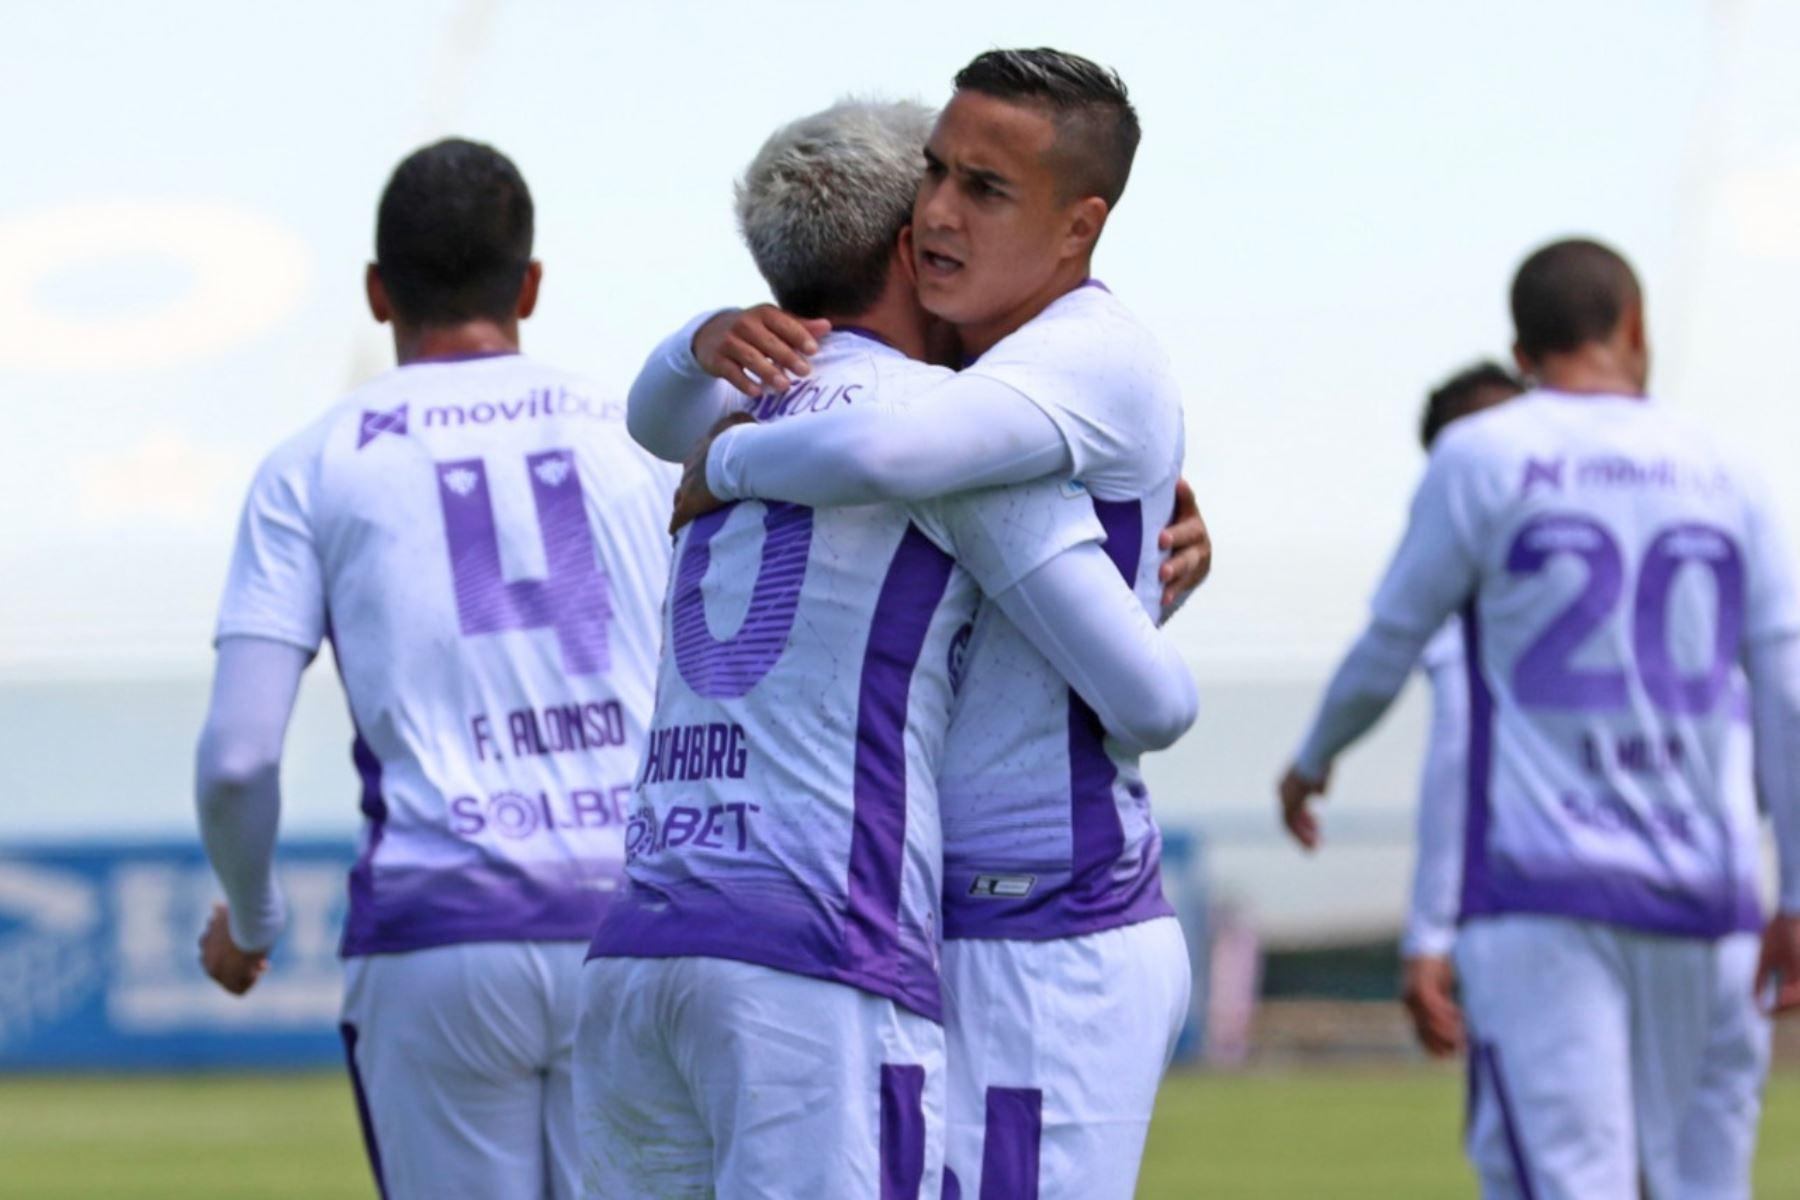 El futbolista de Universitario, Alejandro Hohberg, celebra junto a sus compañeros tras anotar el primer gol ante Mannucci por la jornada 13 de la Liga 1, en el estadio Alberto Gallardo. Foto: @LigaFutProf